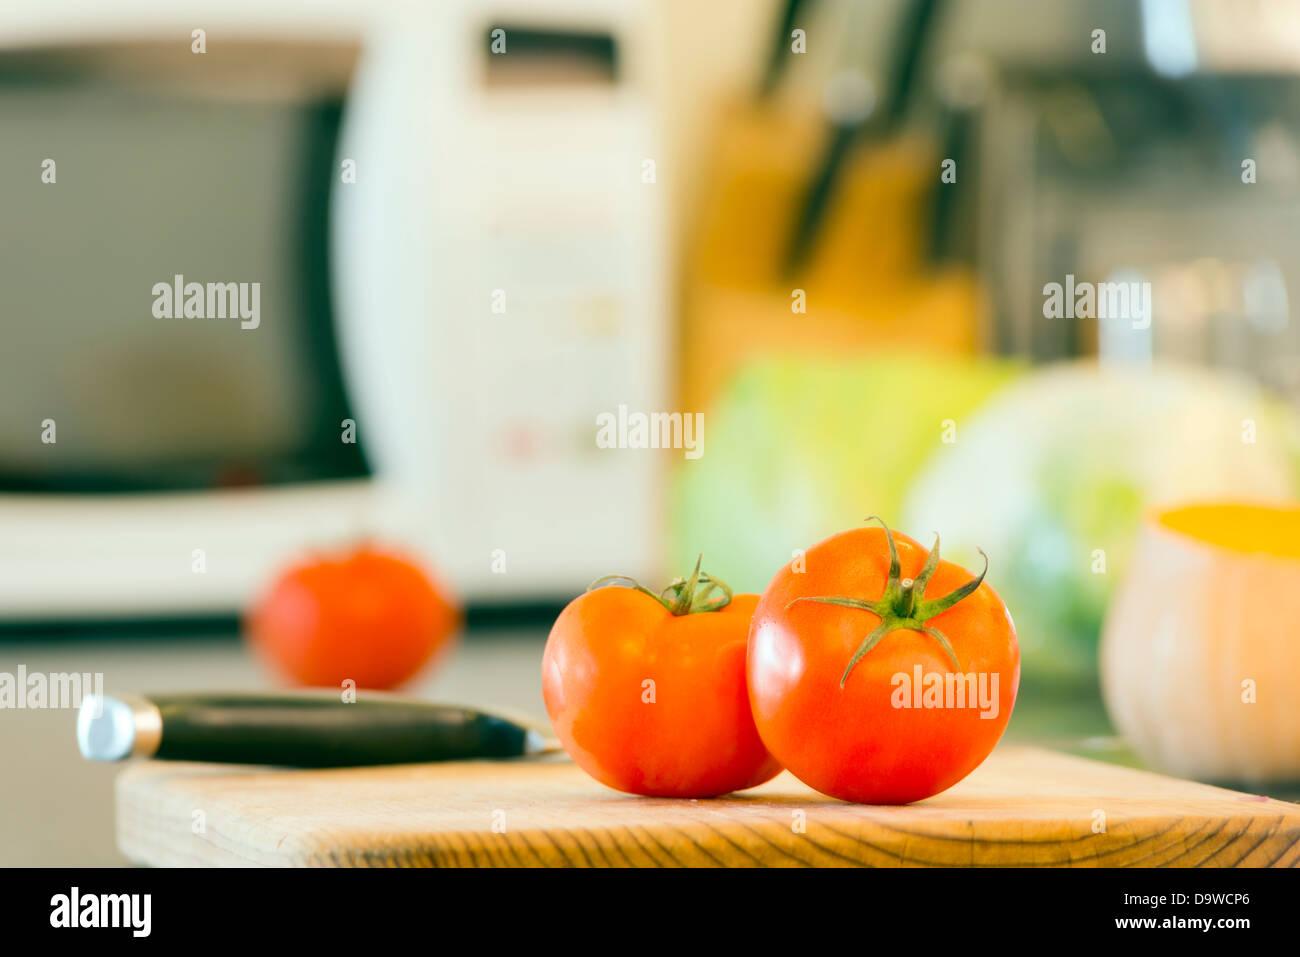 La preparazione di cibi freschi sul banco di cucina, con pomodori, zucca e altri ortaggi in background Immagini Stock